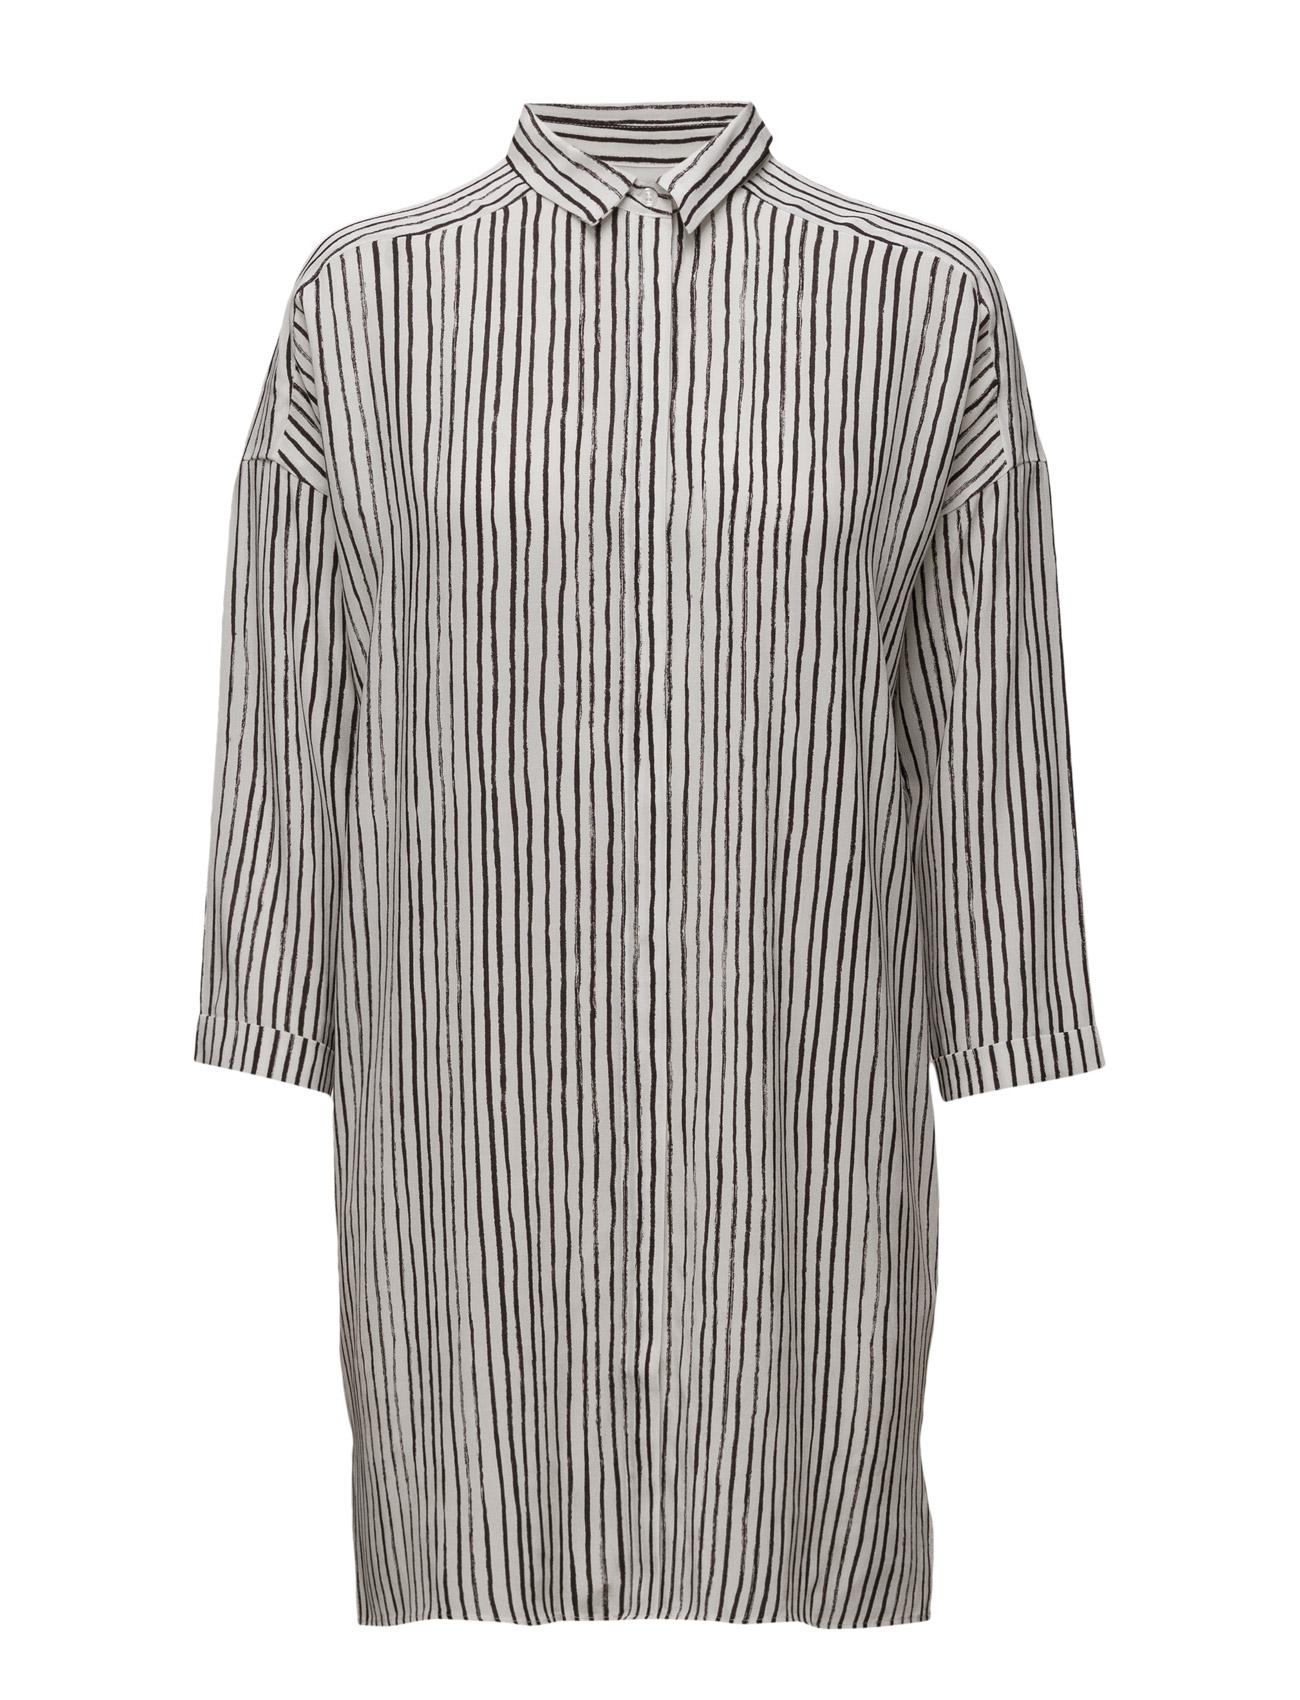 Galetta Long Shirt Lw InWear Langærmede til Kvinder i Hand Drawn Stripes Hvid